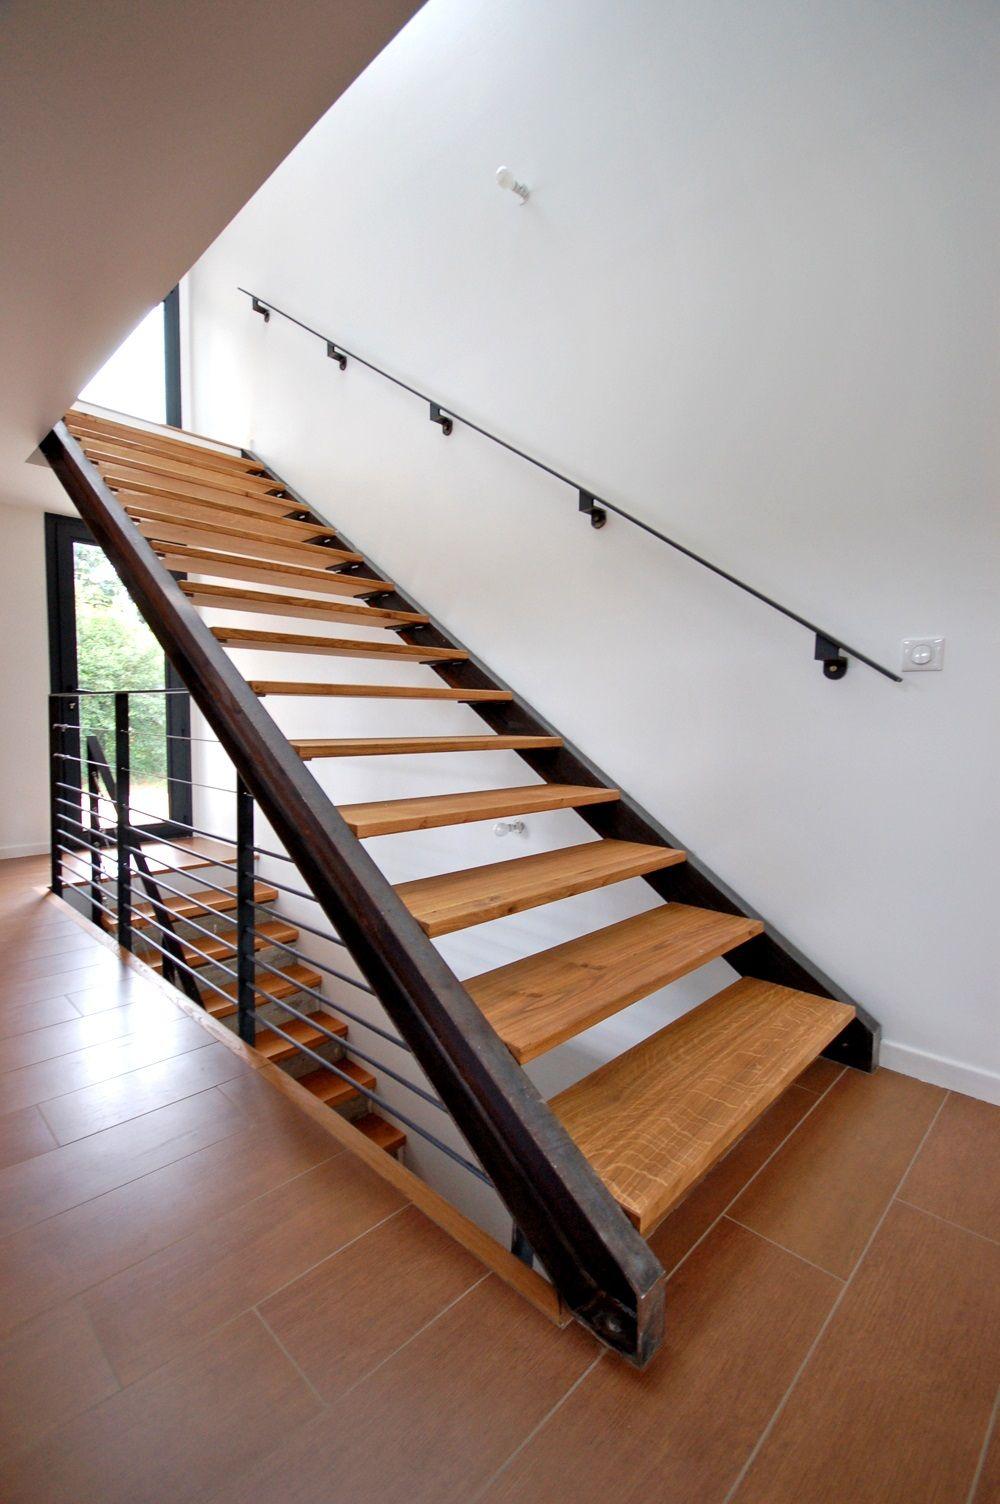 fabriquer un escalier en bois droit fashion designs. Black Bedroom Furniture Sets. Home Design Ideas